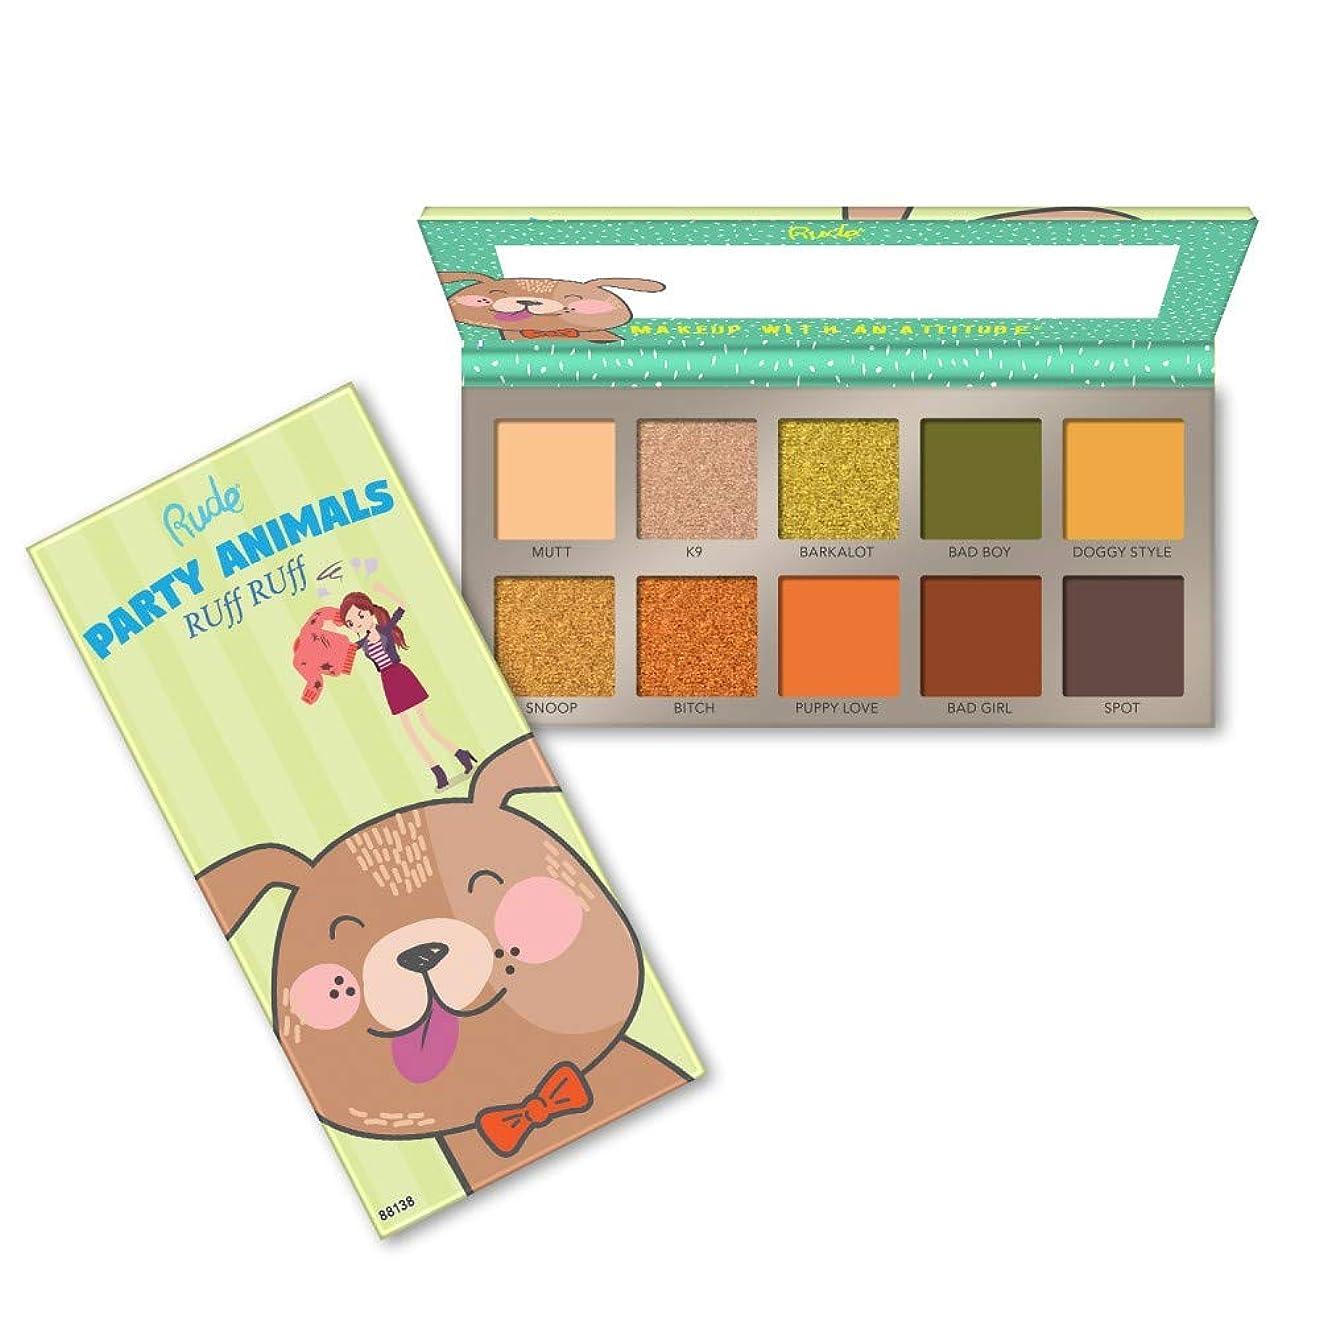 ウェーハ政治的海軍RUDE? Party Animals 10 Eyeshadow Palette - RUff RUff (並行輸入品)